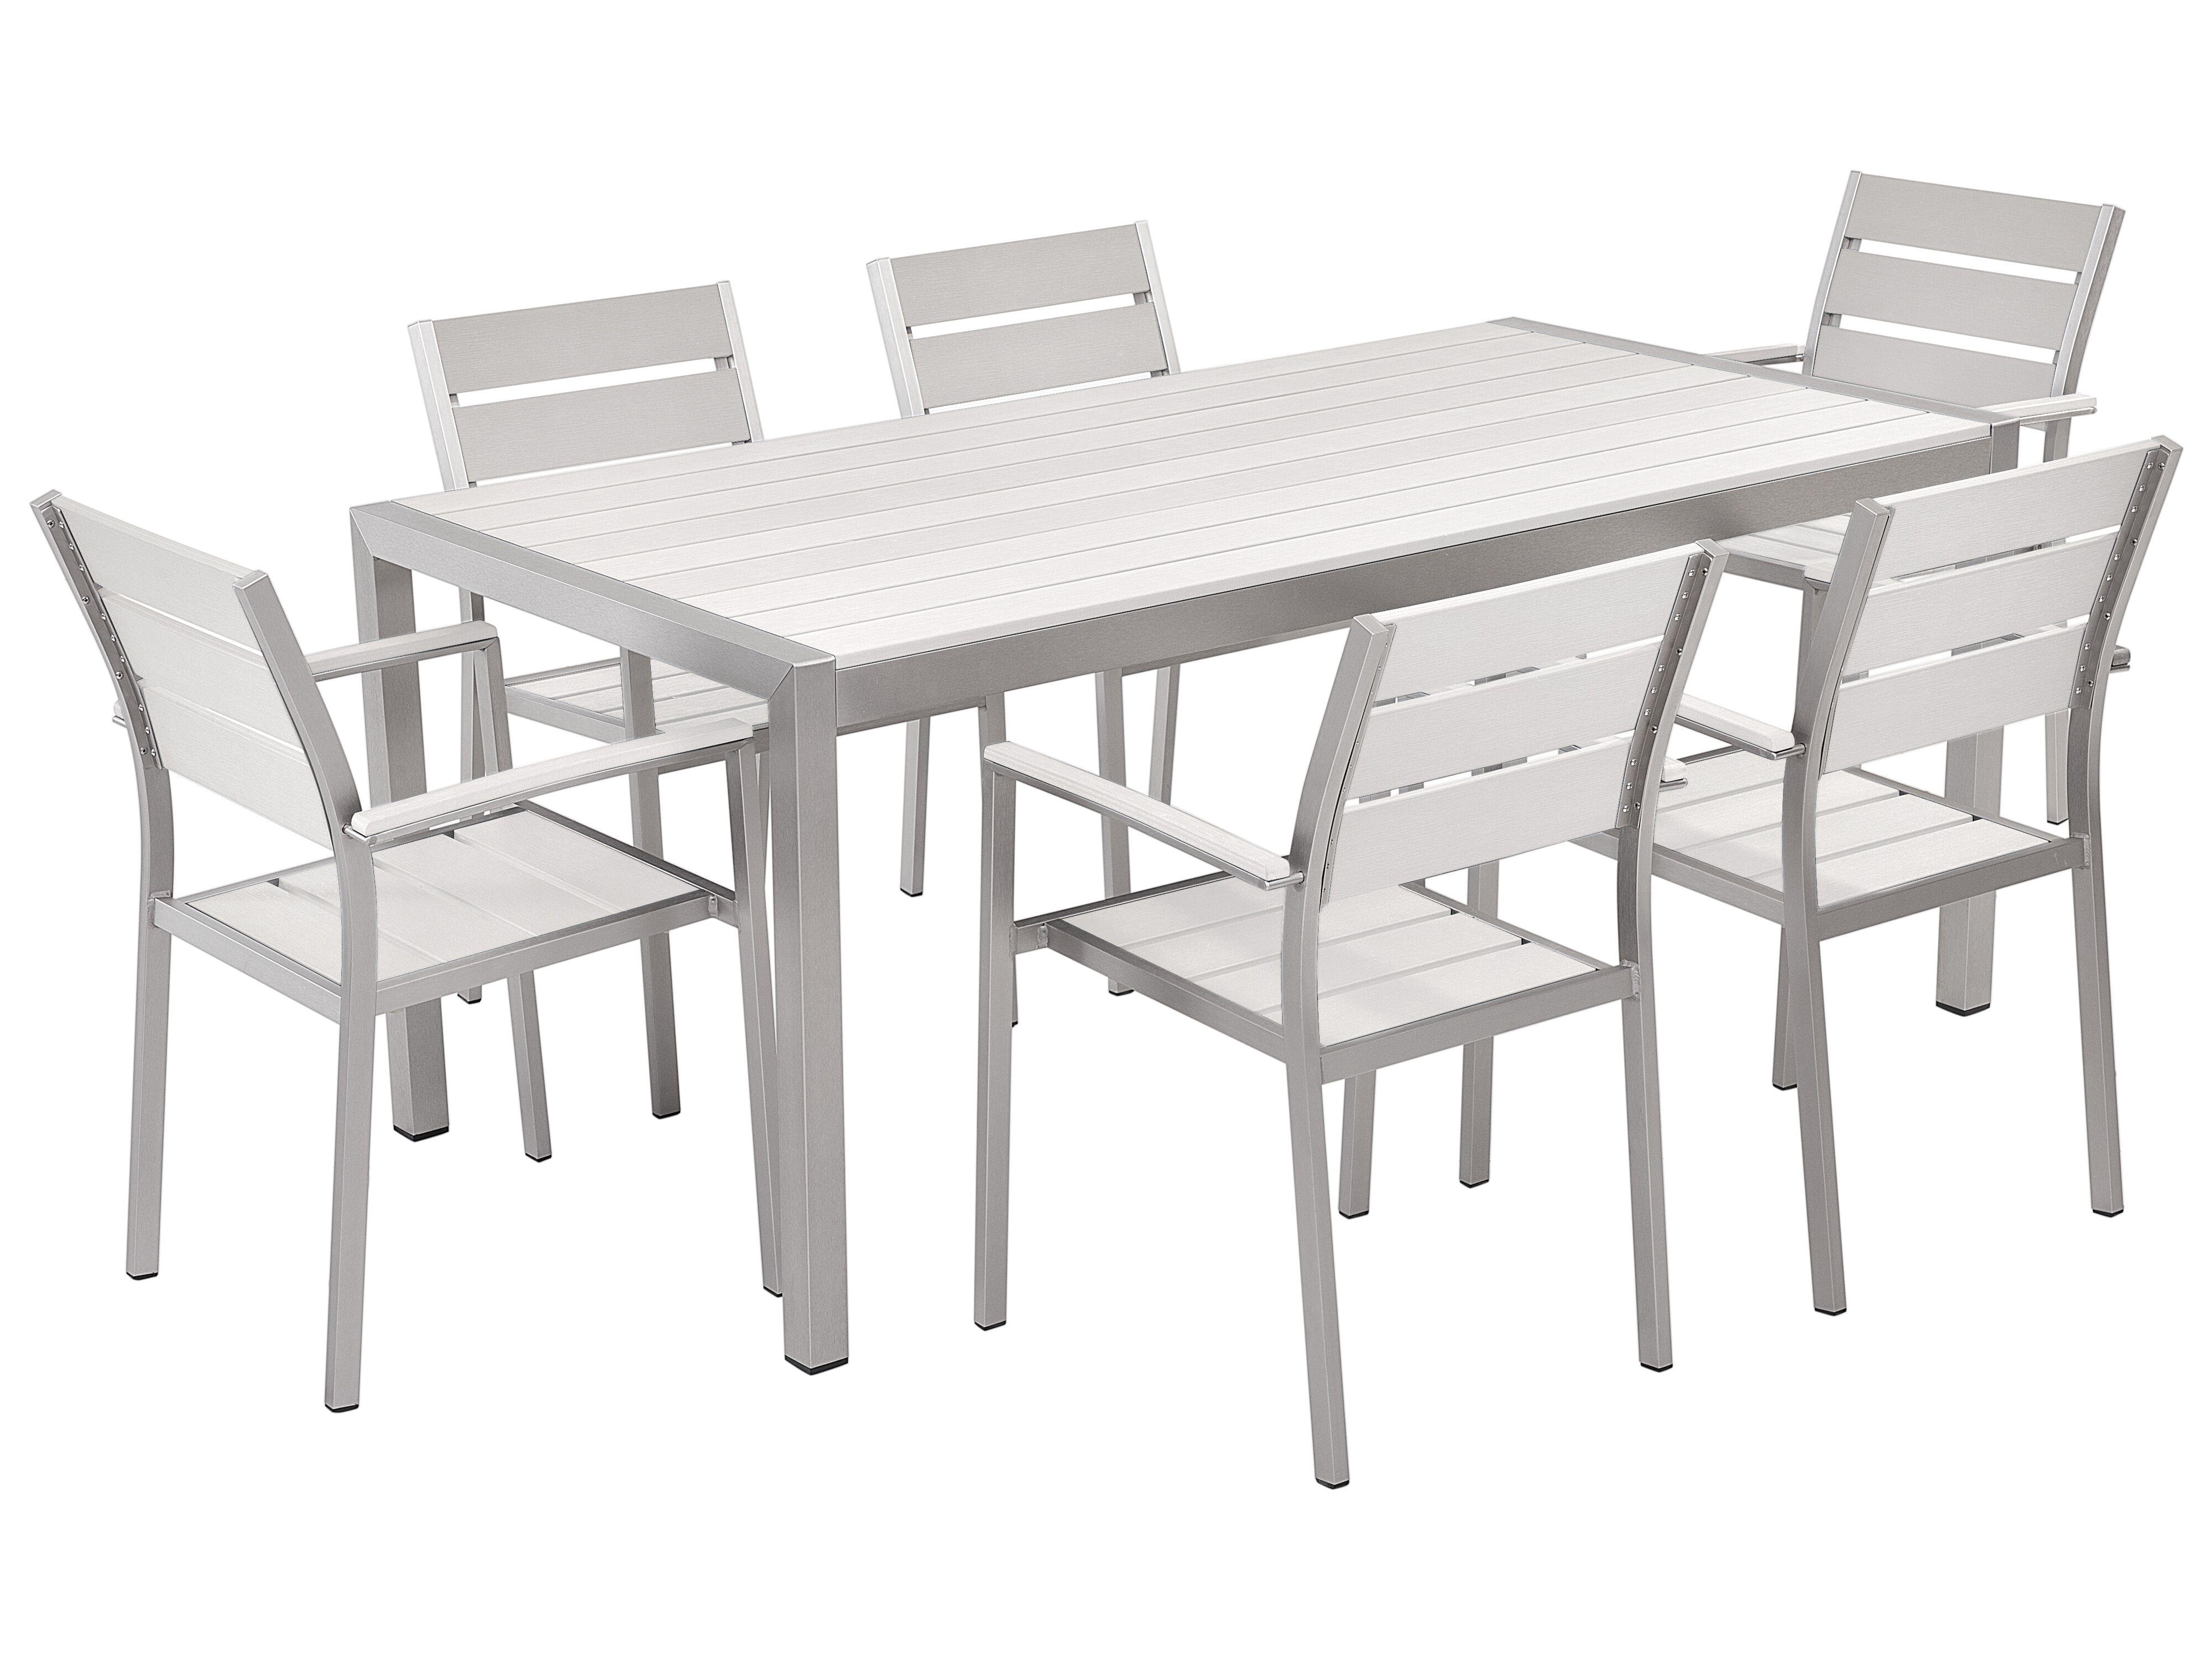 Gartenmobel Set Kunstholz Weiss 6 Sitzer Vernio Beliani De